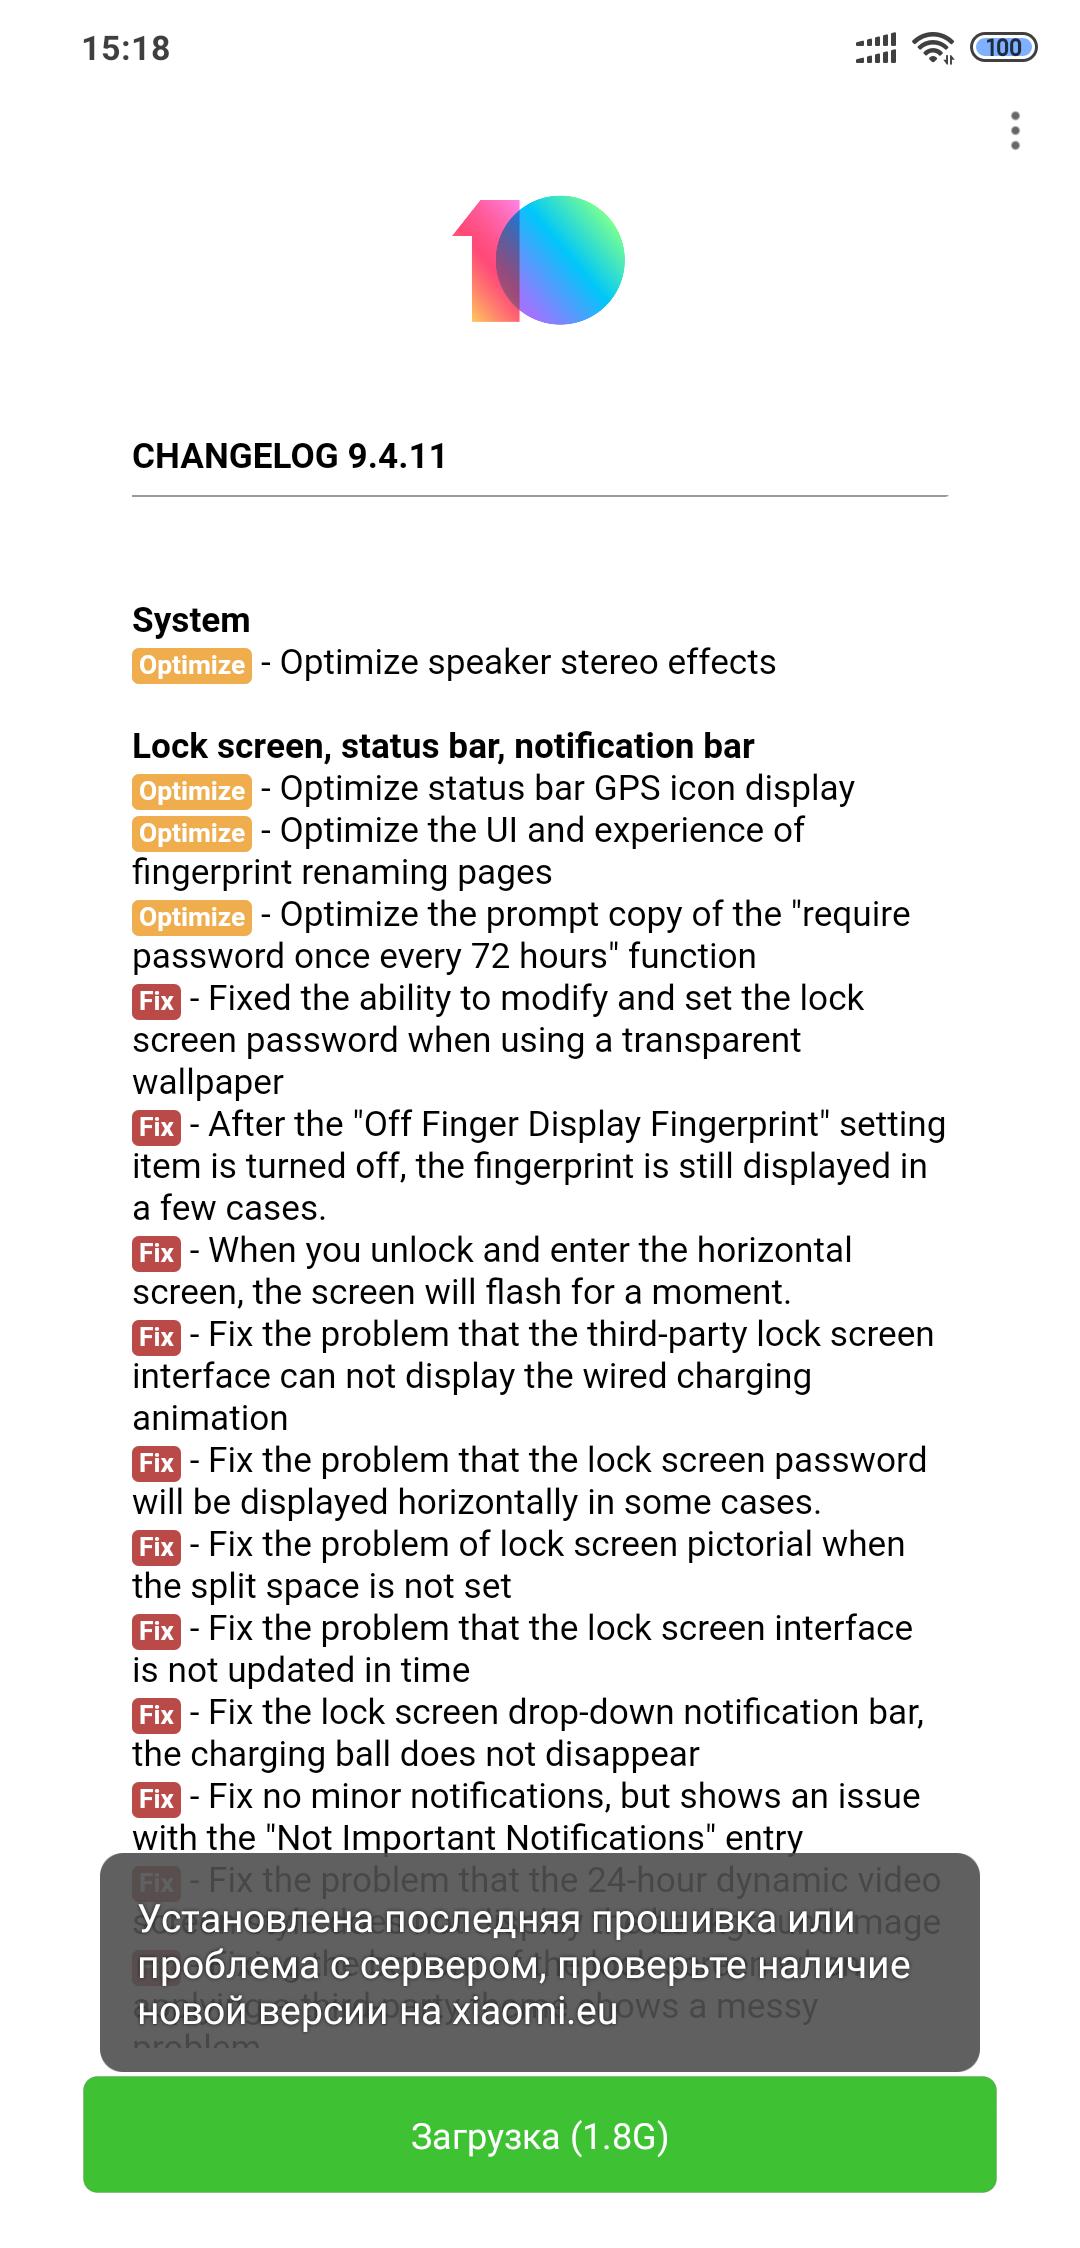 MIUI 10 4 - 9 4 11/12 | Xiaomi European Community